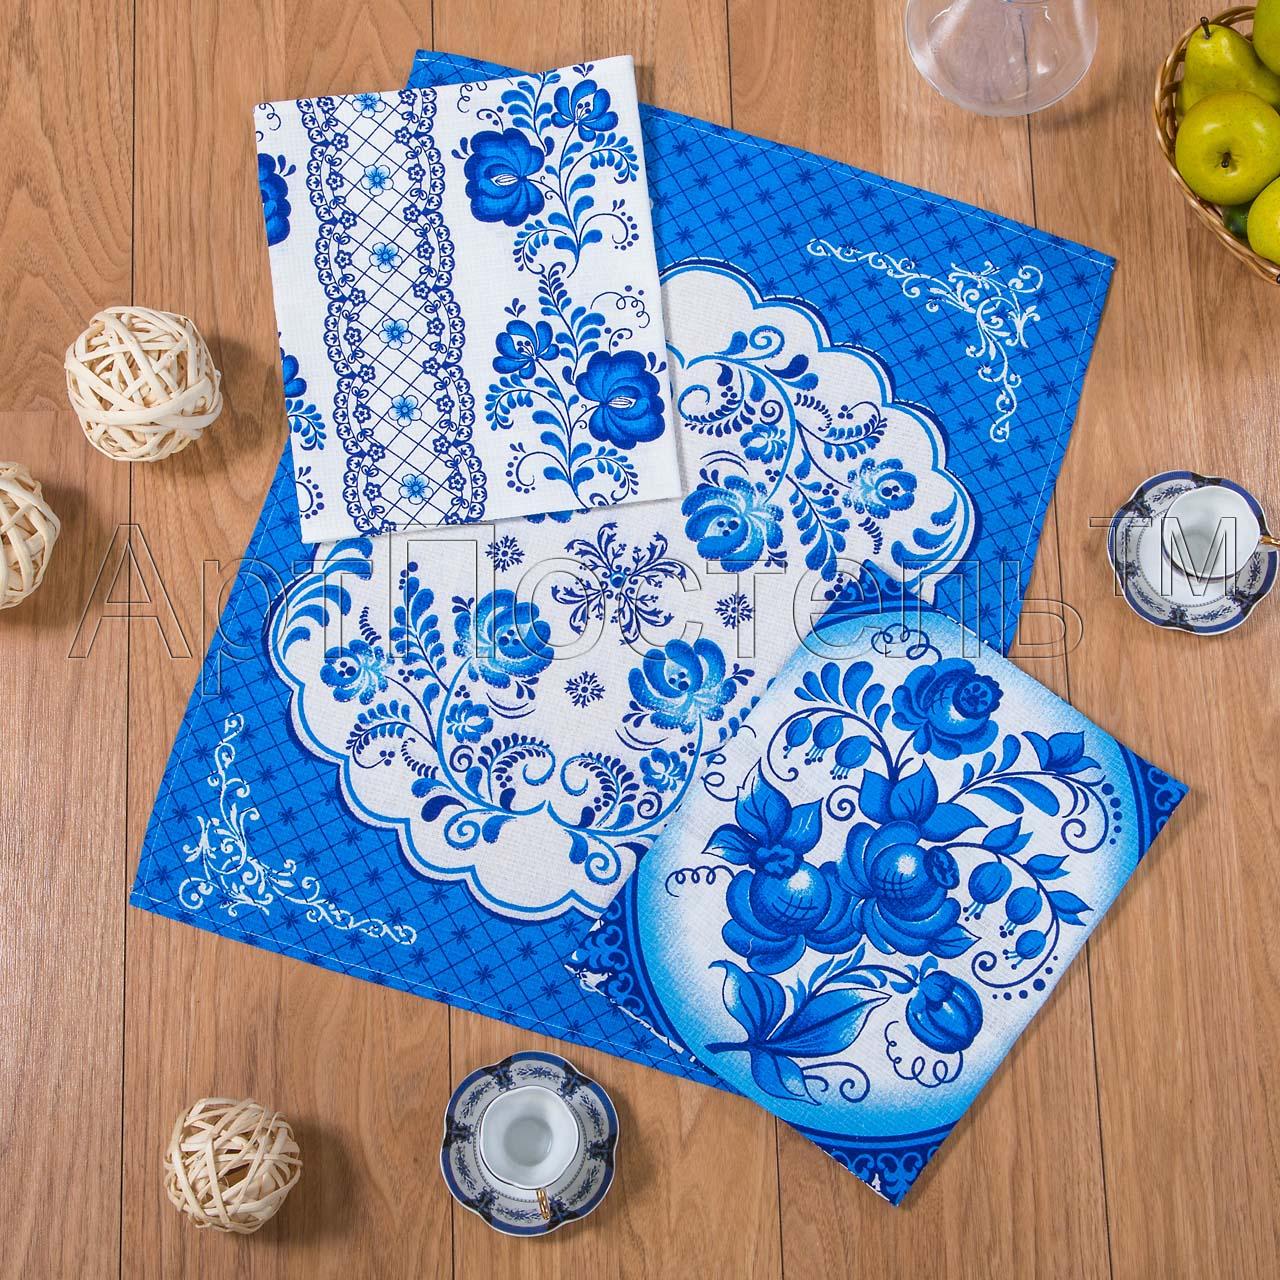 Набор полотенец Гжель р. 45х60Вафельные полотенца<br>Плотность: 160 г/кв. м <br>Количество в наборе: 3 шт.<br><br>Тип: Набор полотенец<br>Размер: 45х60<br>Материал: Вафельное полотно